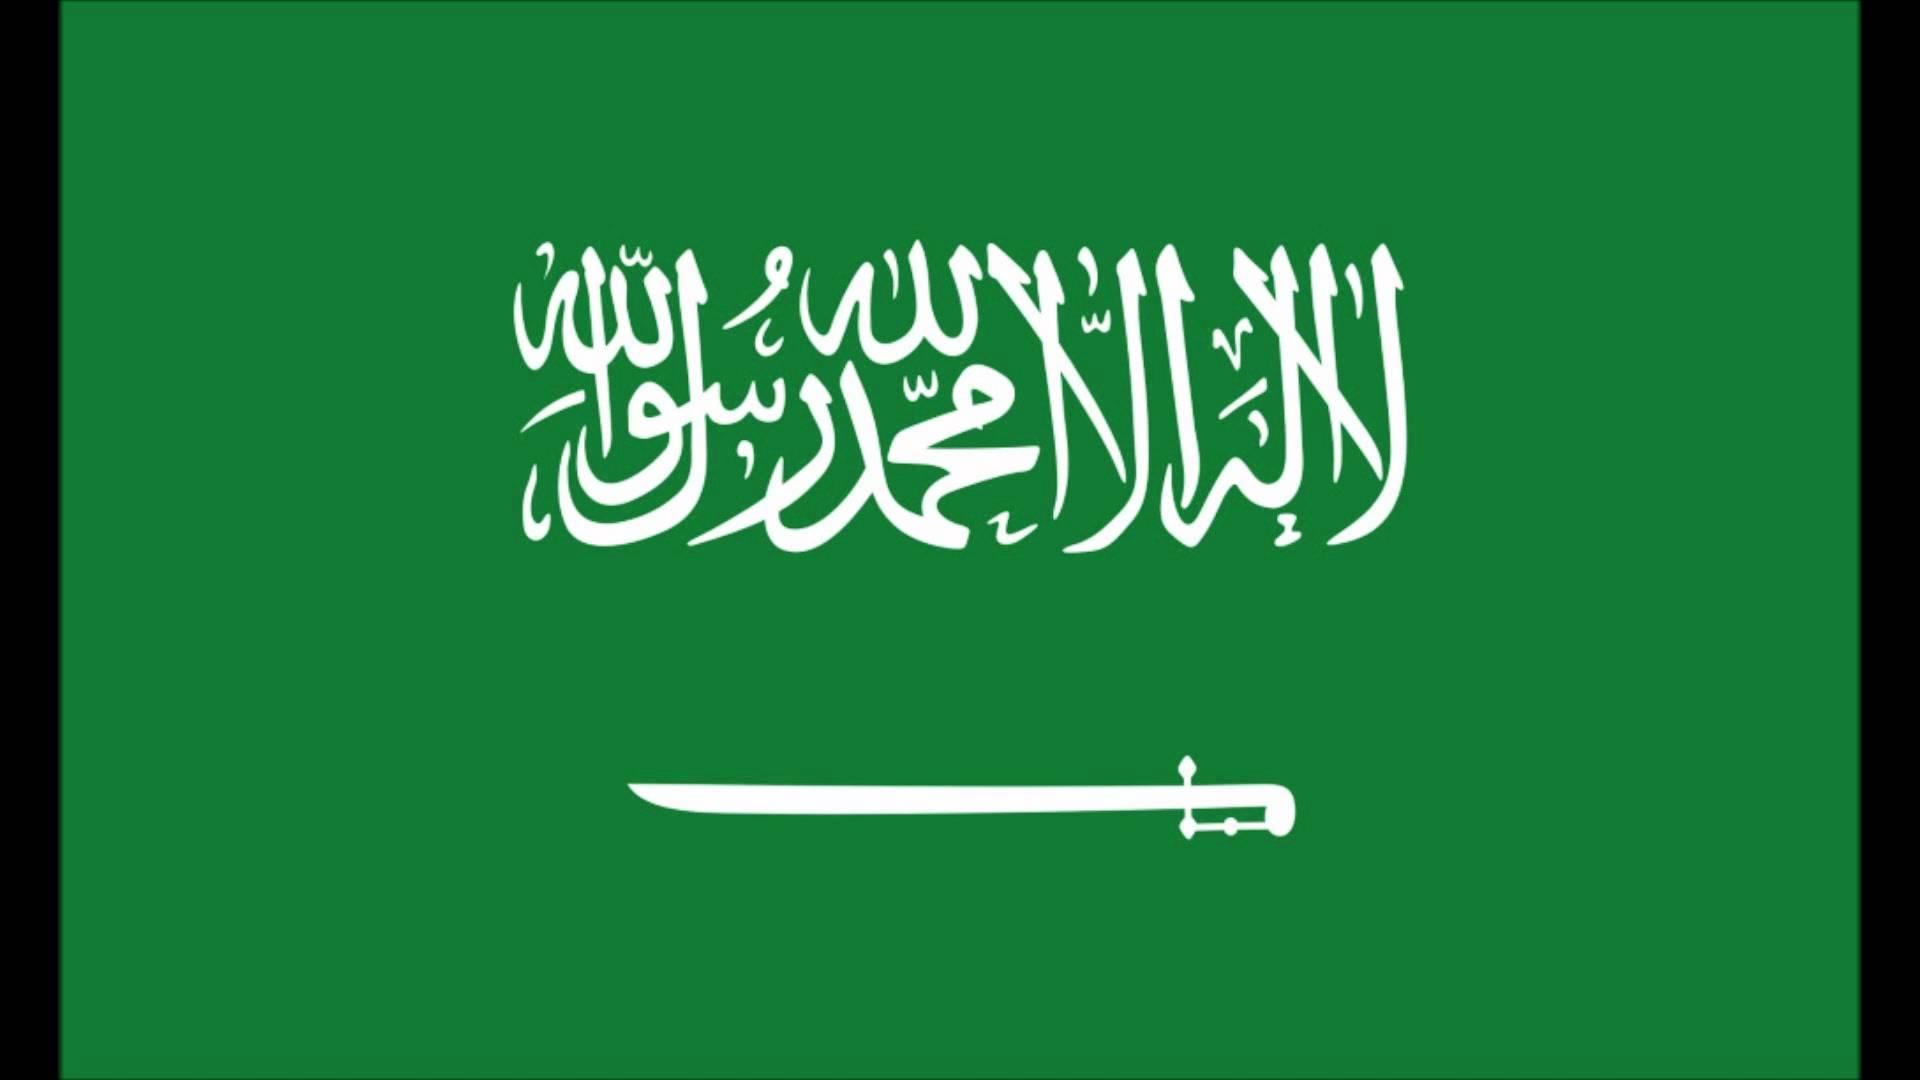 بالصور صور علم السعودية الجديد 37da44141494127a69529bda0121bfc9